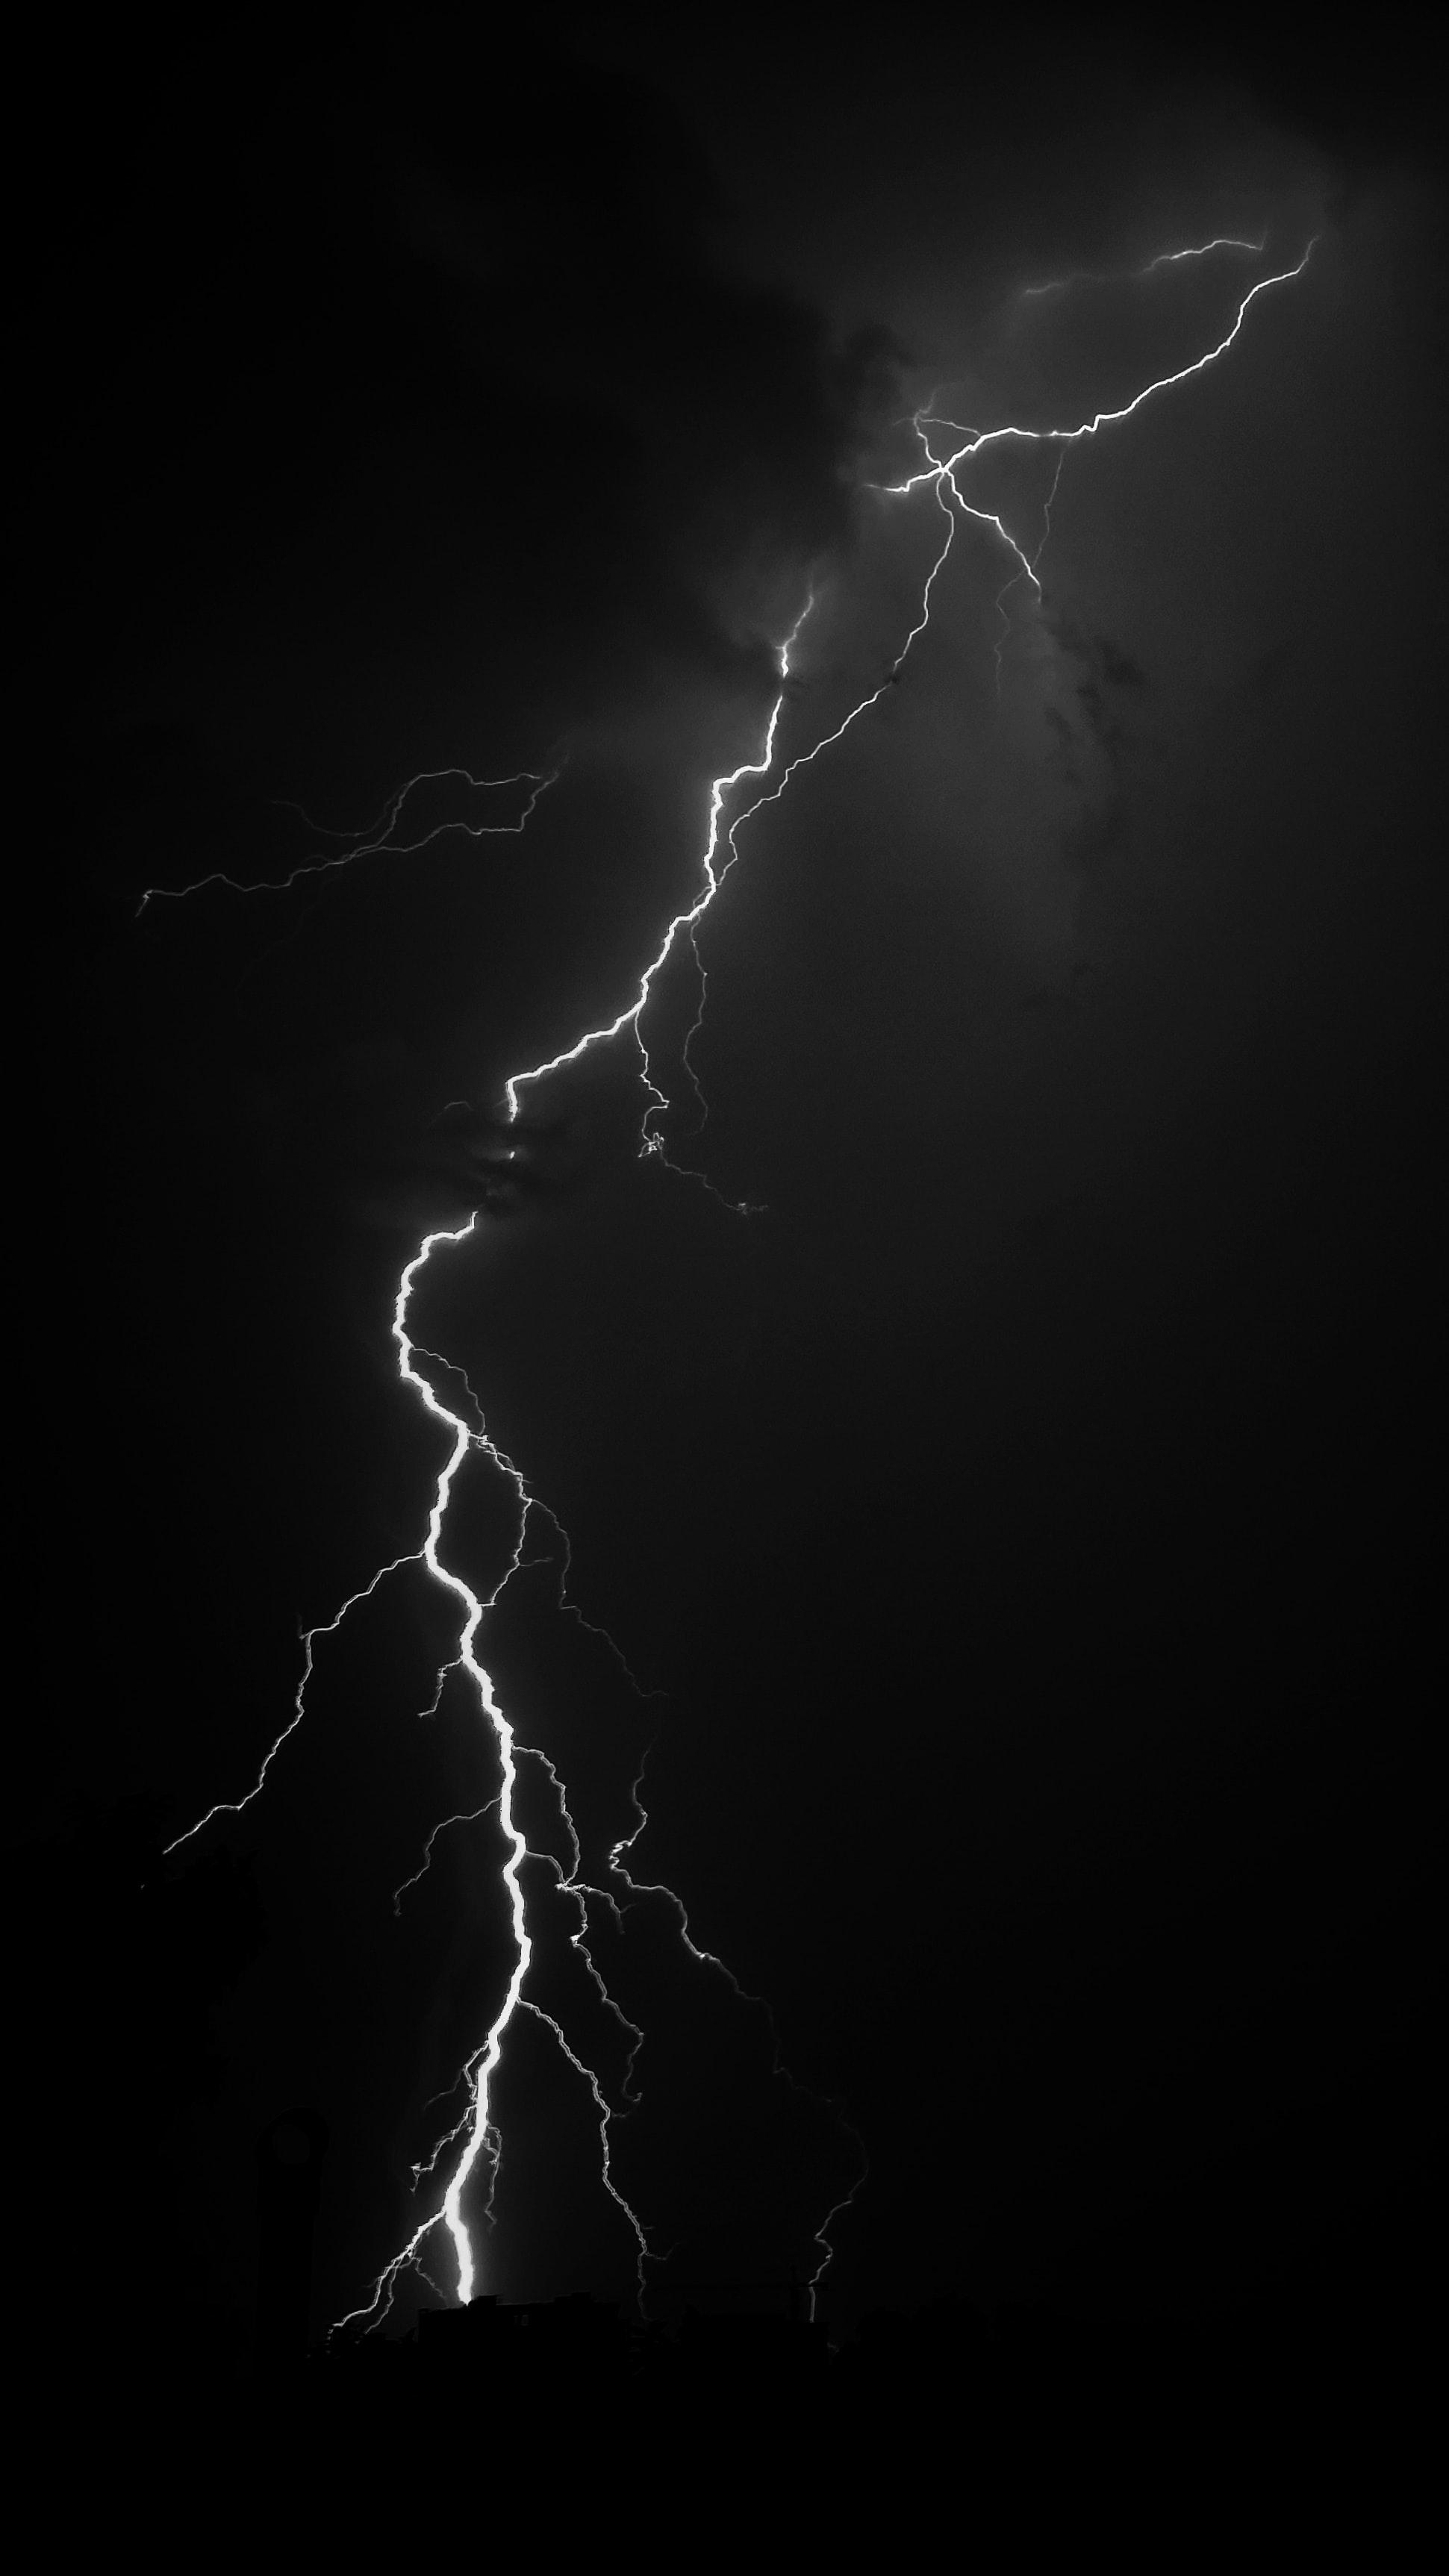 Скачать бесплатно картинку 87308: Молния, Свечение, Черный обои на телефон